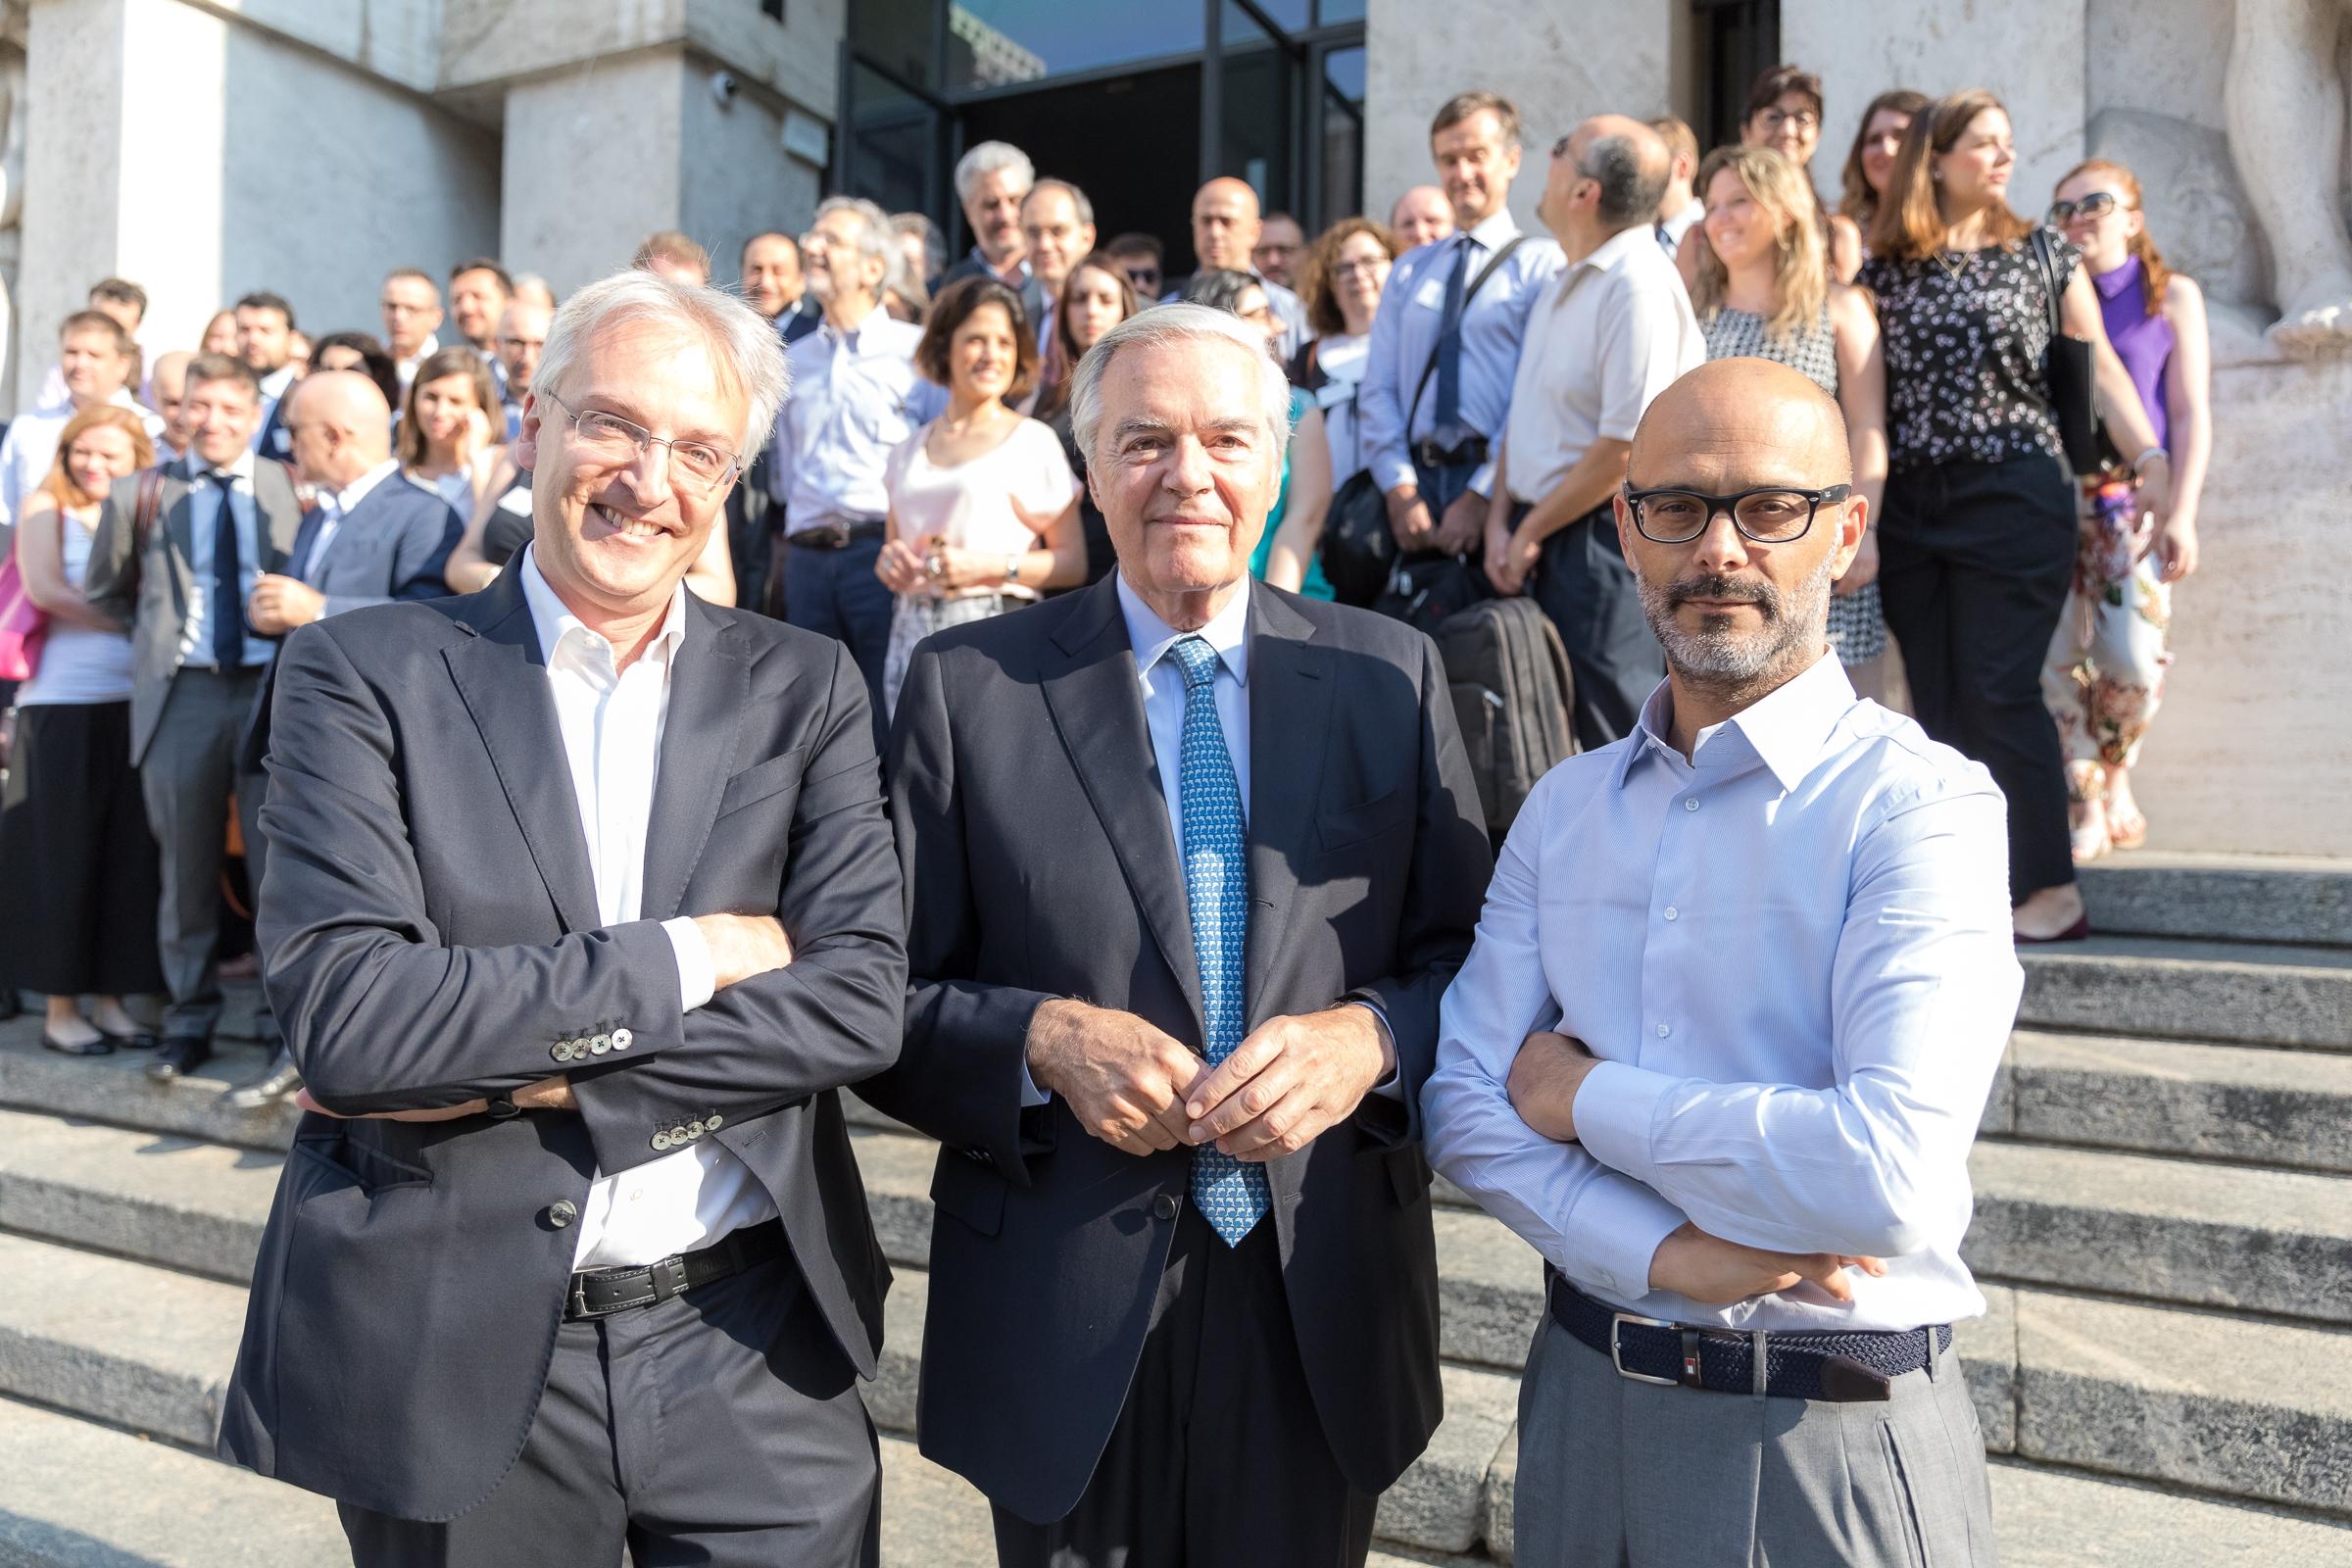 Il team di Digital360 davanti al Palazzo della Borsa in piazza Affari. In primo piano da sin. Mariano Corso, Umberto Bertelè e Andrea Rangone